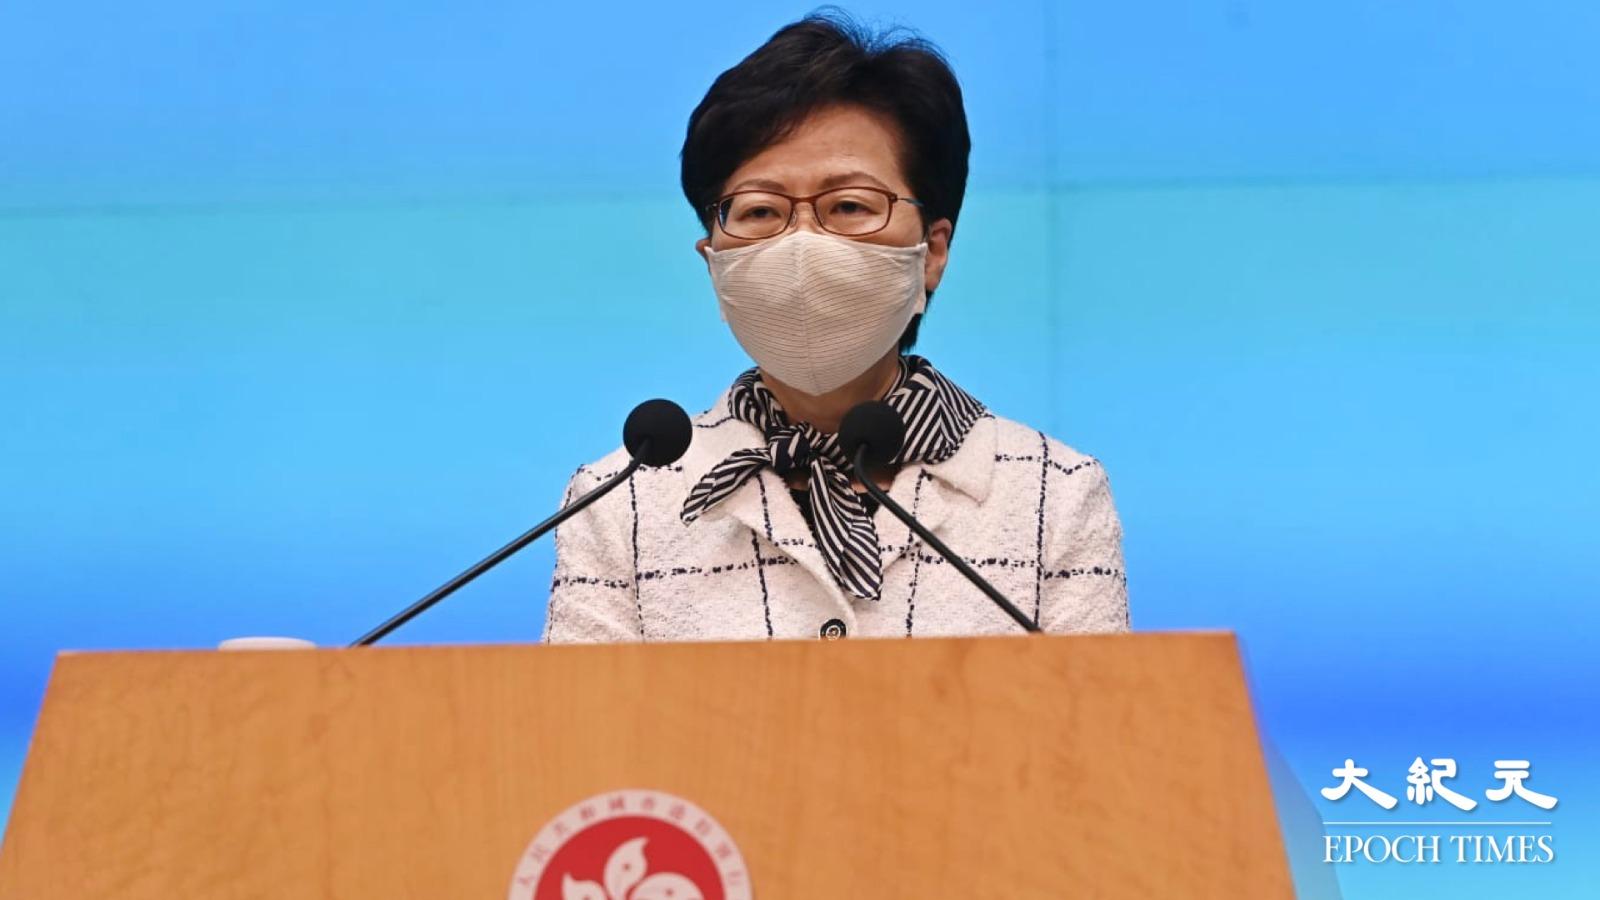 特首林鄭月娥9月1日表示,完全支持教育局局長楊潤雄的言論,認為香港沒有三權分立。(宋碧龍/大紀元)